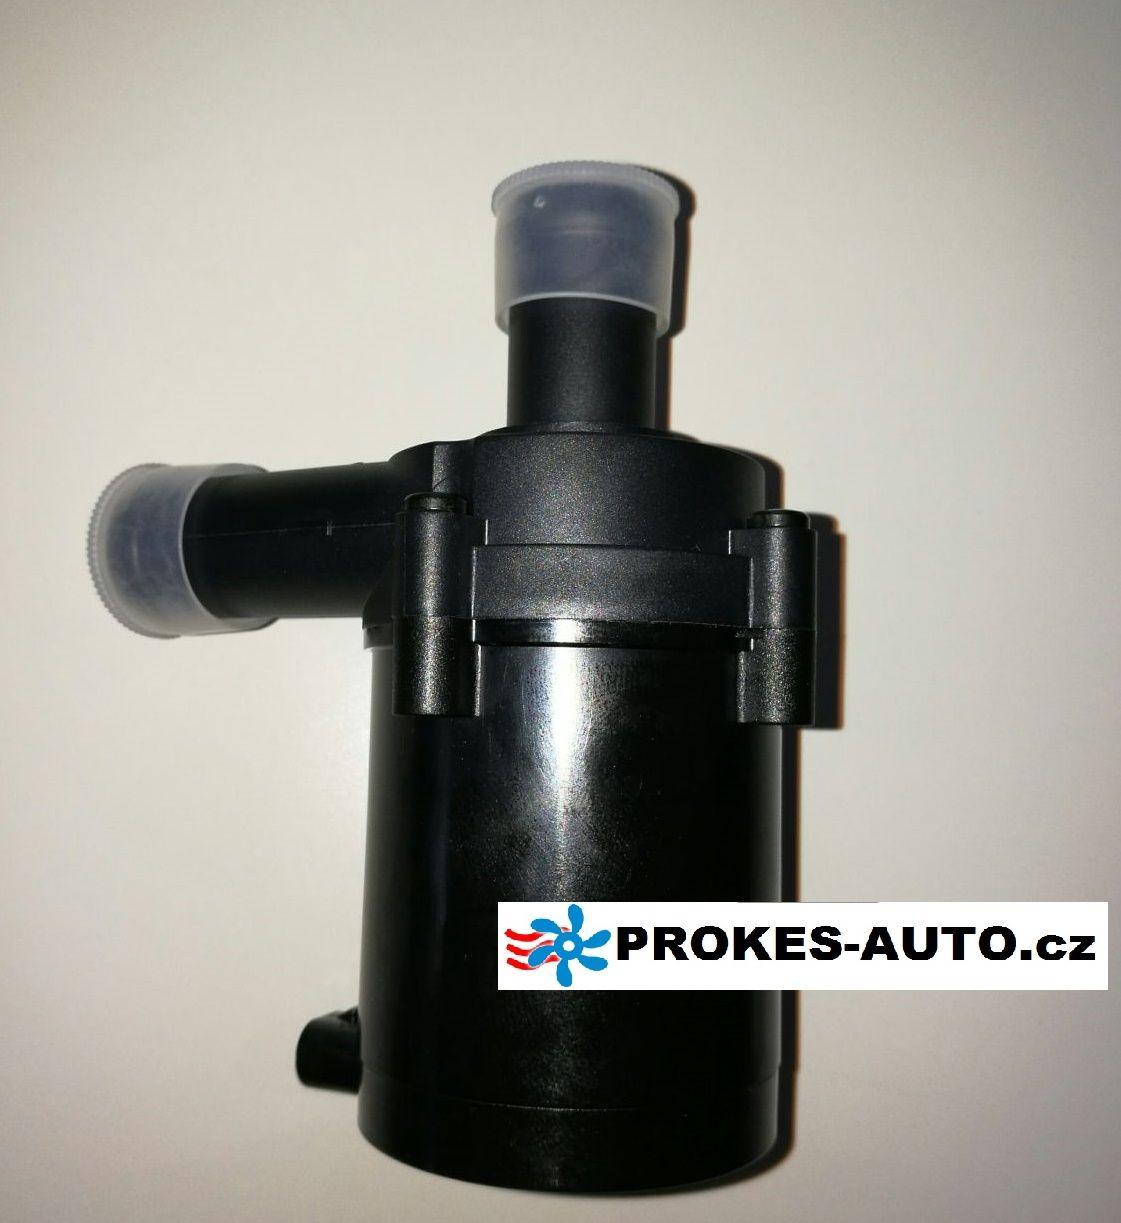 Vodné obehové čerpadlo U4847 ECON Axial 18mm 9021337 / 1316193 / 7.02671.31.0 Webasto